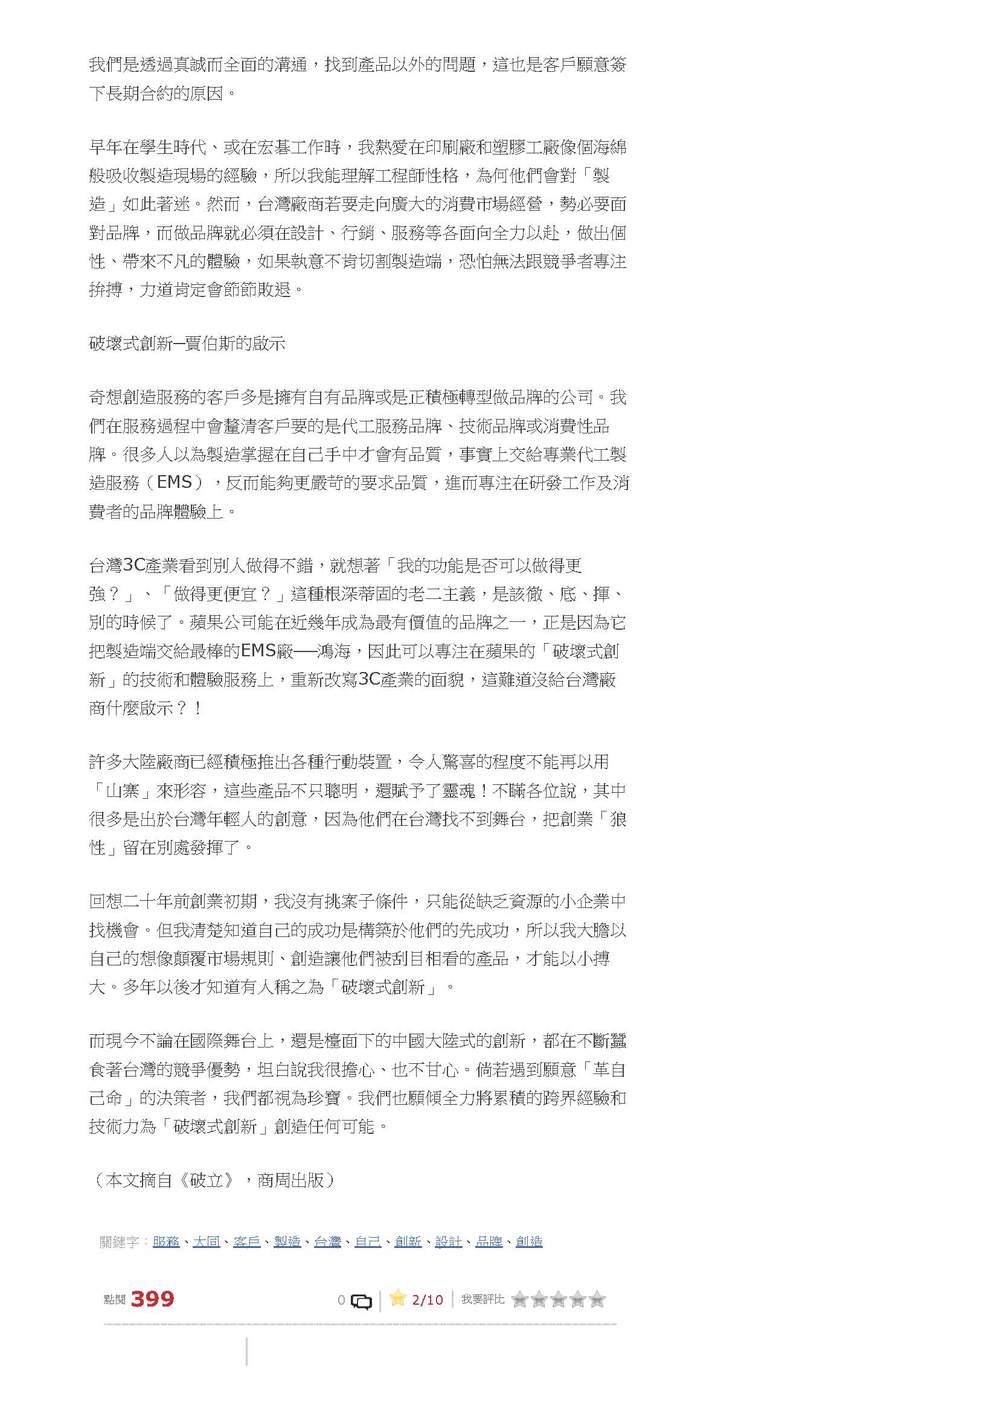 〈創意制勝〉-革自己的命 企業強化競爭力_中時電子報_2015年03月24日_03.jpg